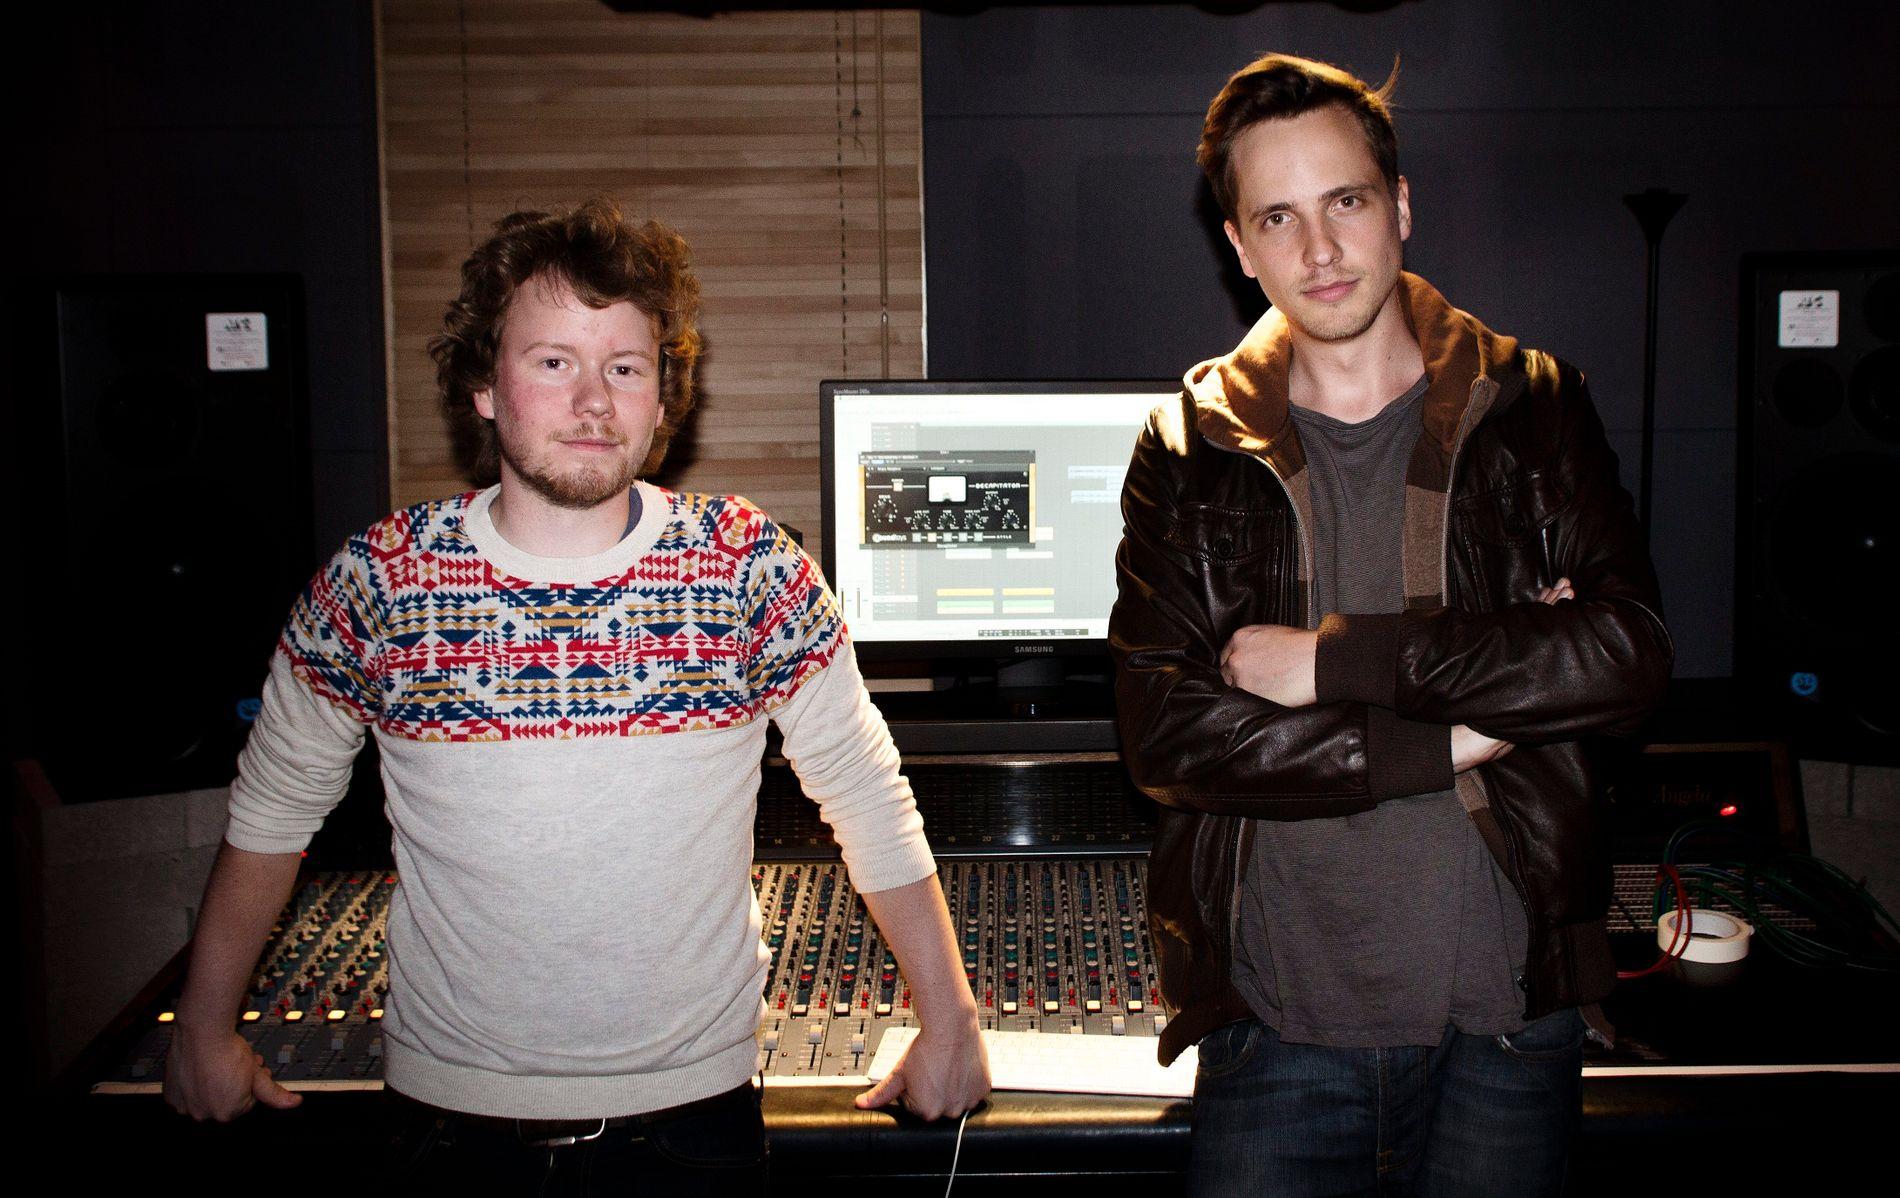 NORSKE PRODUSENTER: Henrik Barman Michelsen og Edvard Førre Erfjord avbildet da de jobbet som produsenter og låtskrivere i London i 2012.